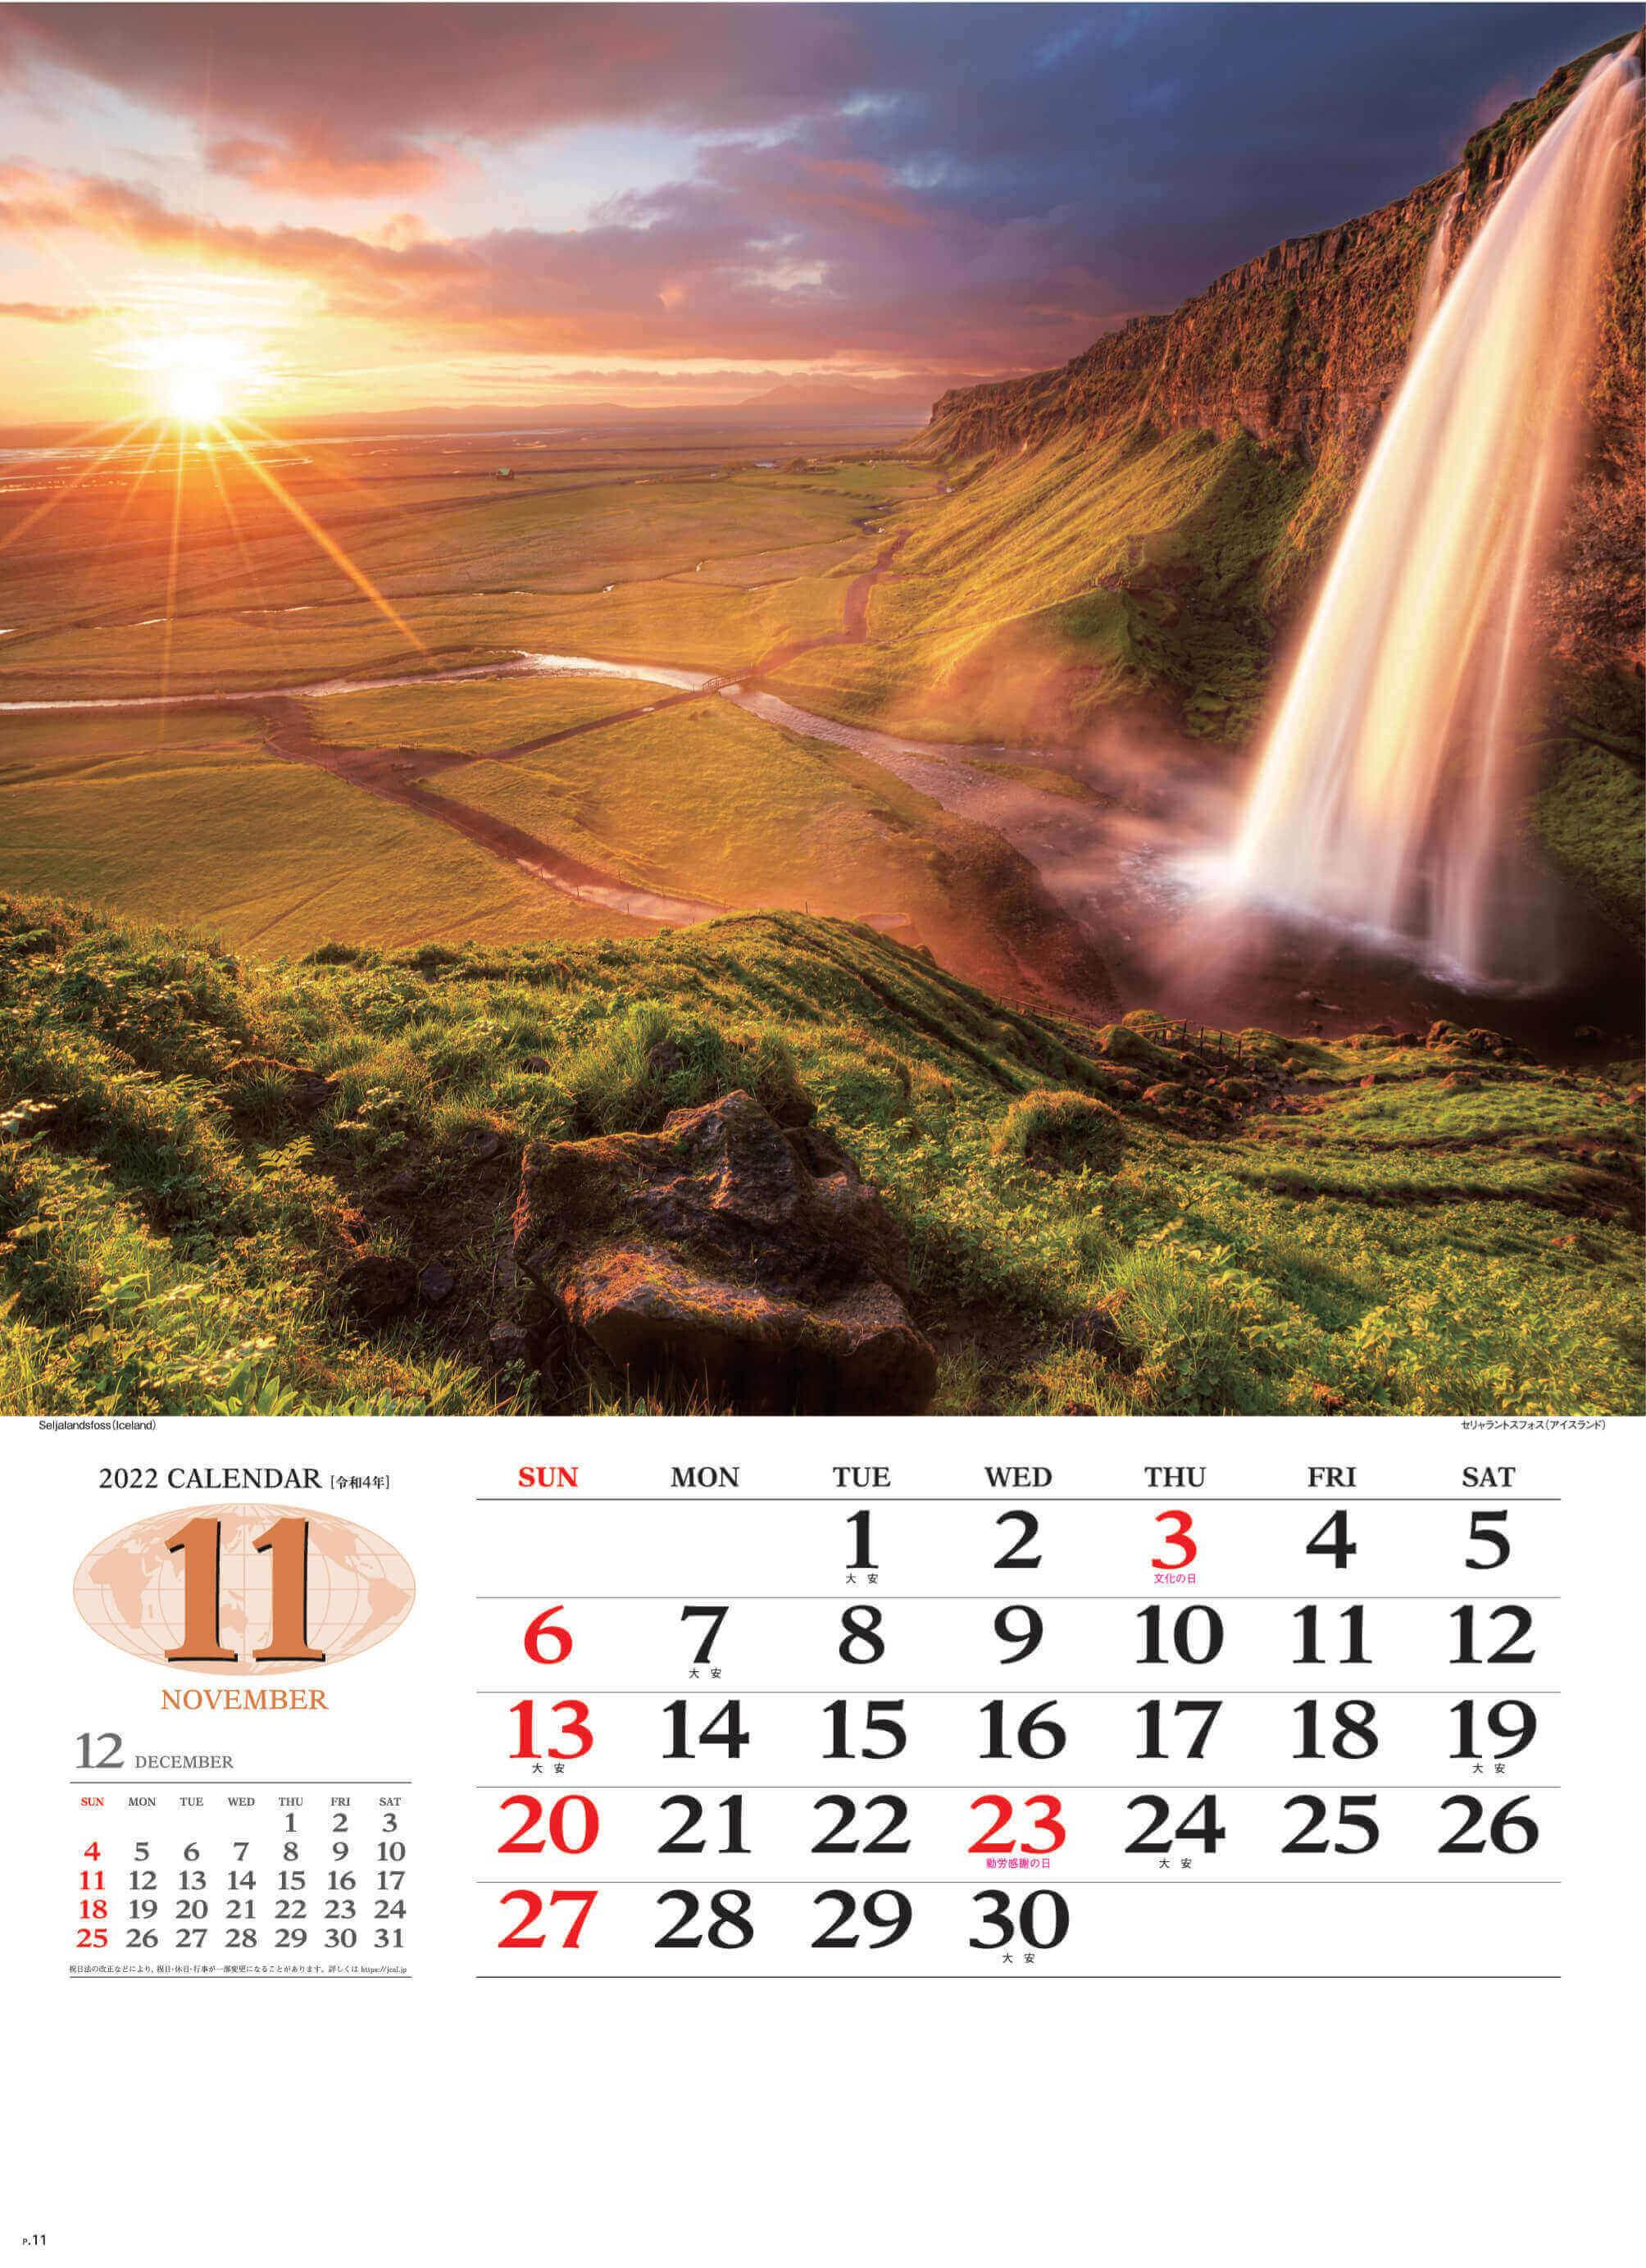 11月 セリャワントスフォス アイスランド 世界の景観 2022年カレンダーの画像